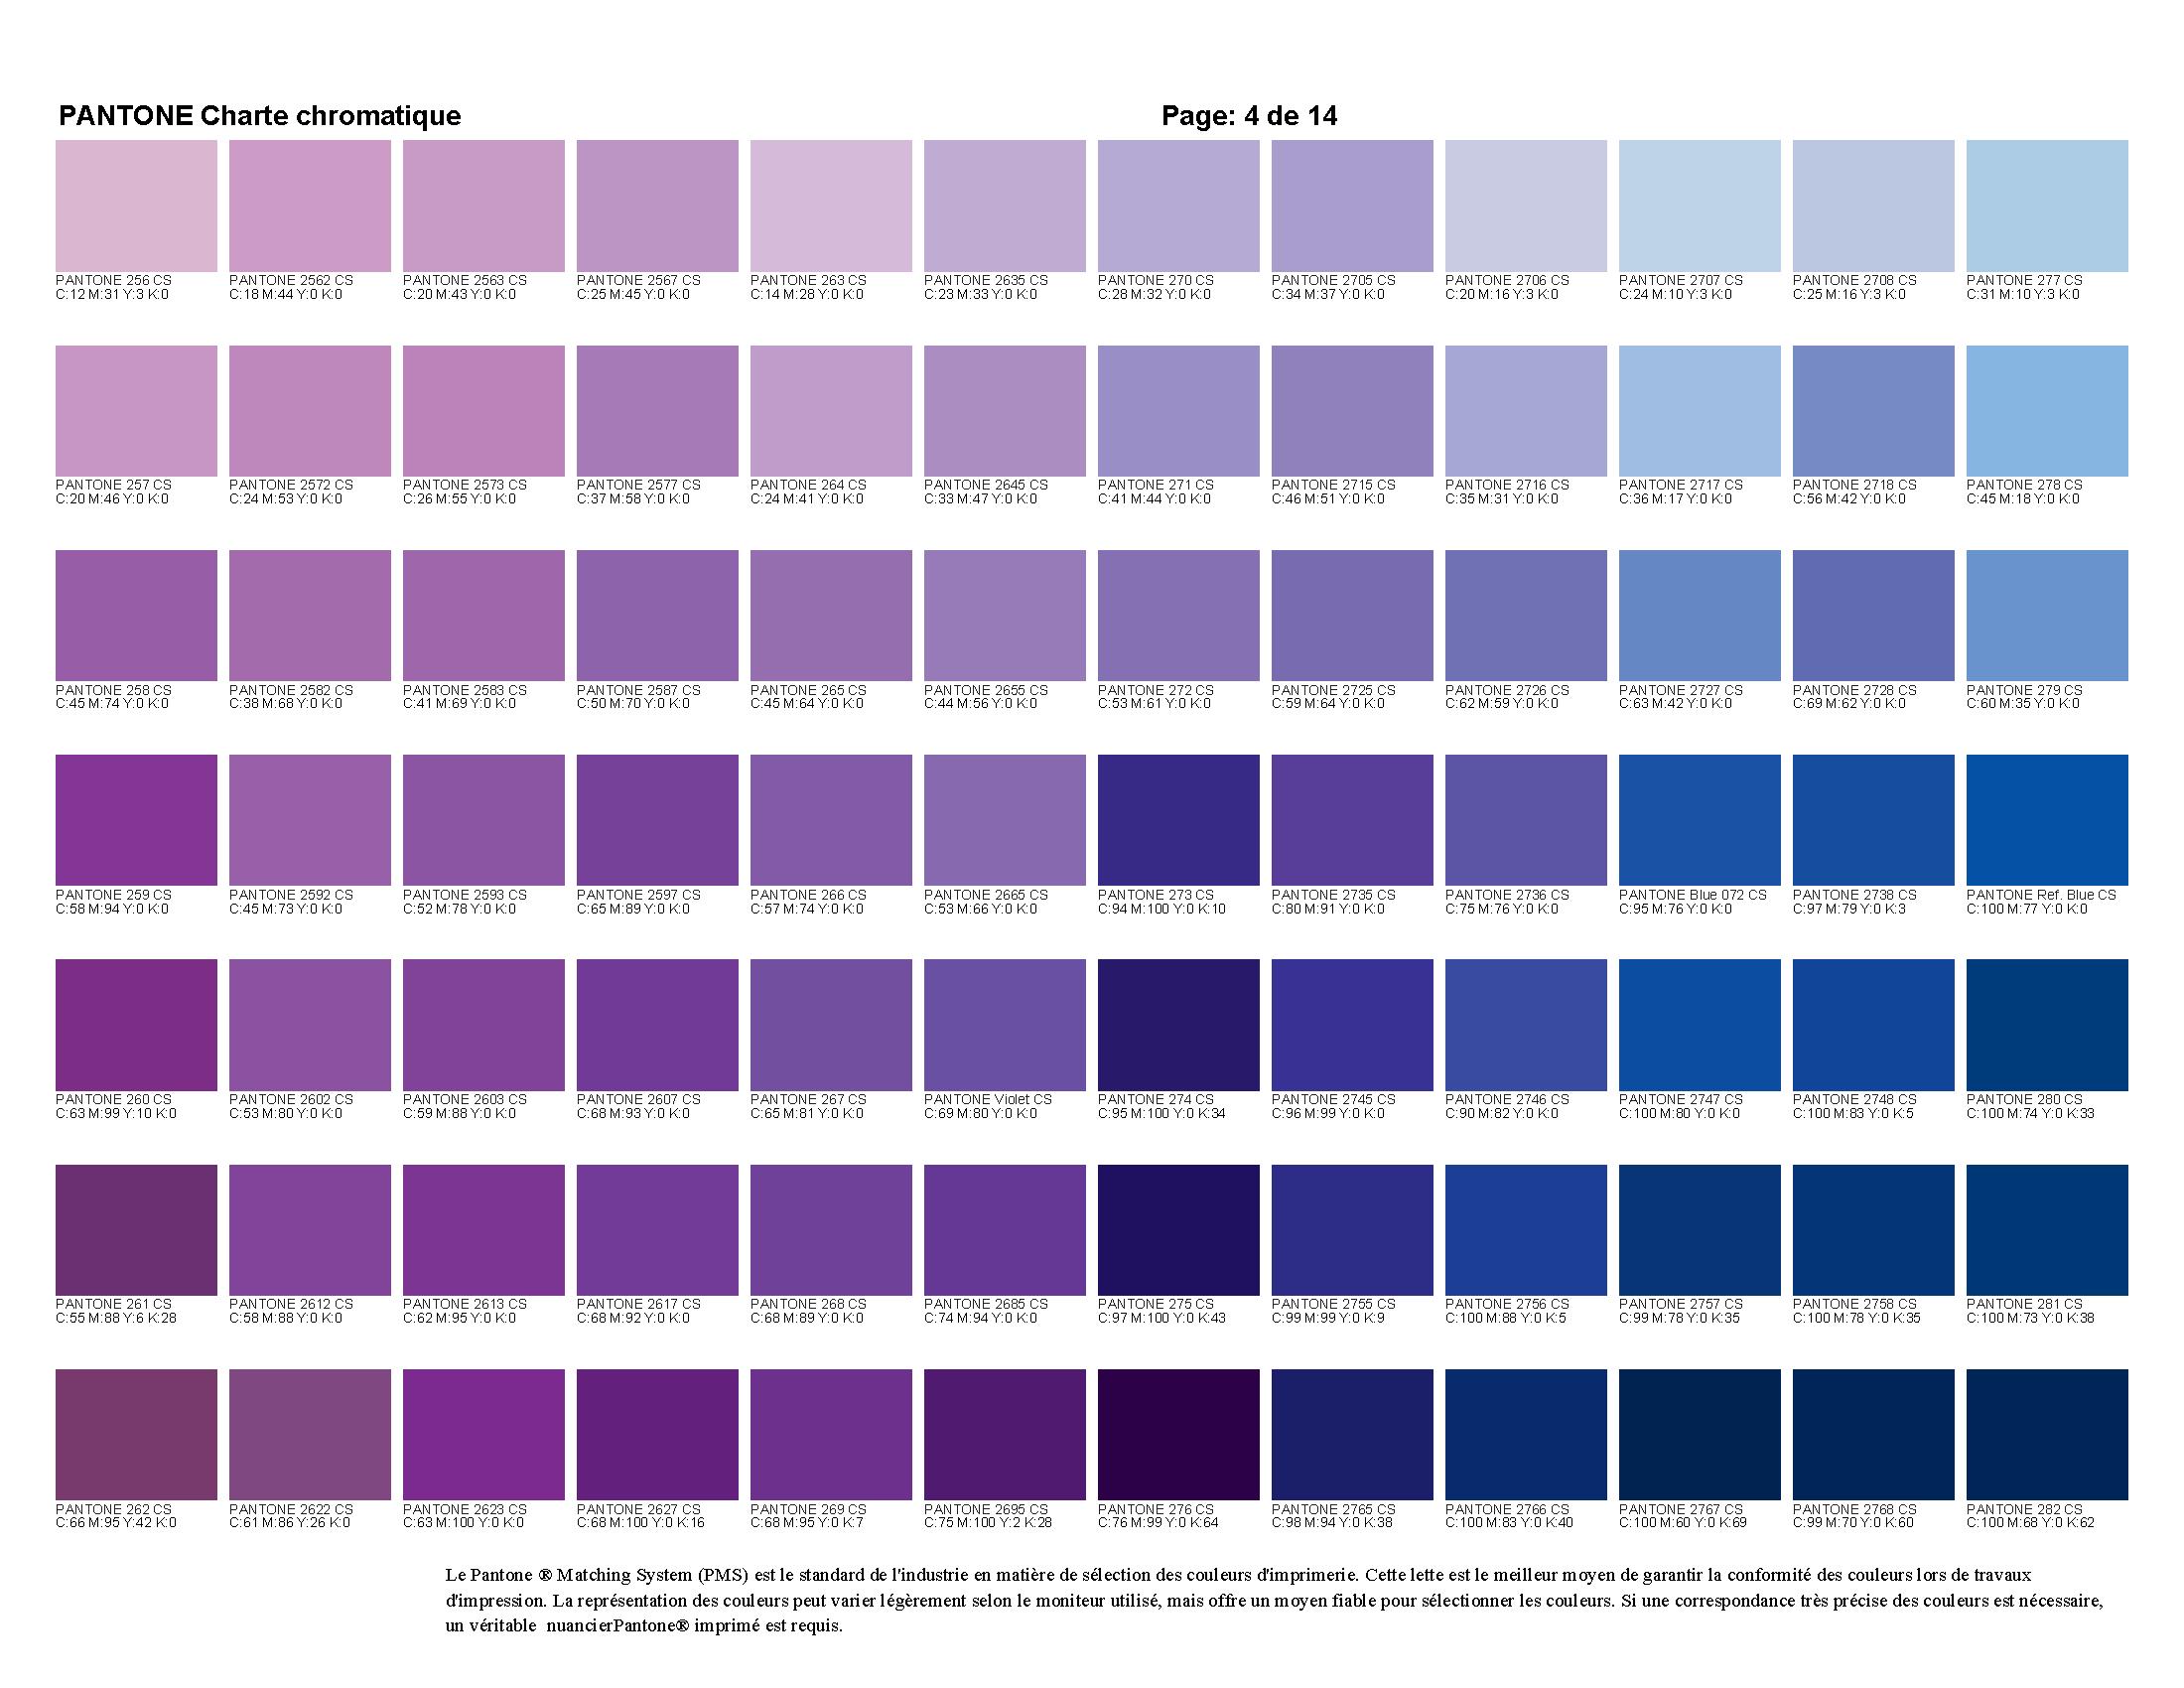 Charte chromatique pantone trelco color violet - Nuancier de violet ...